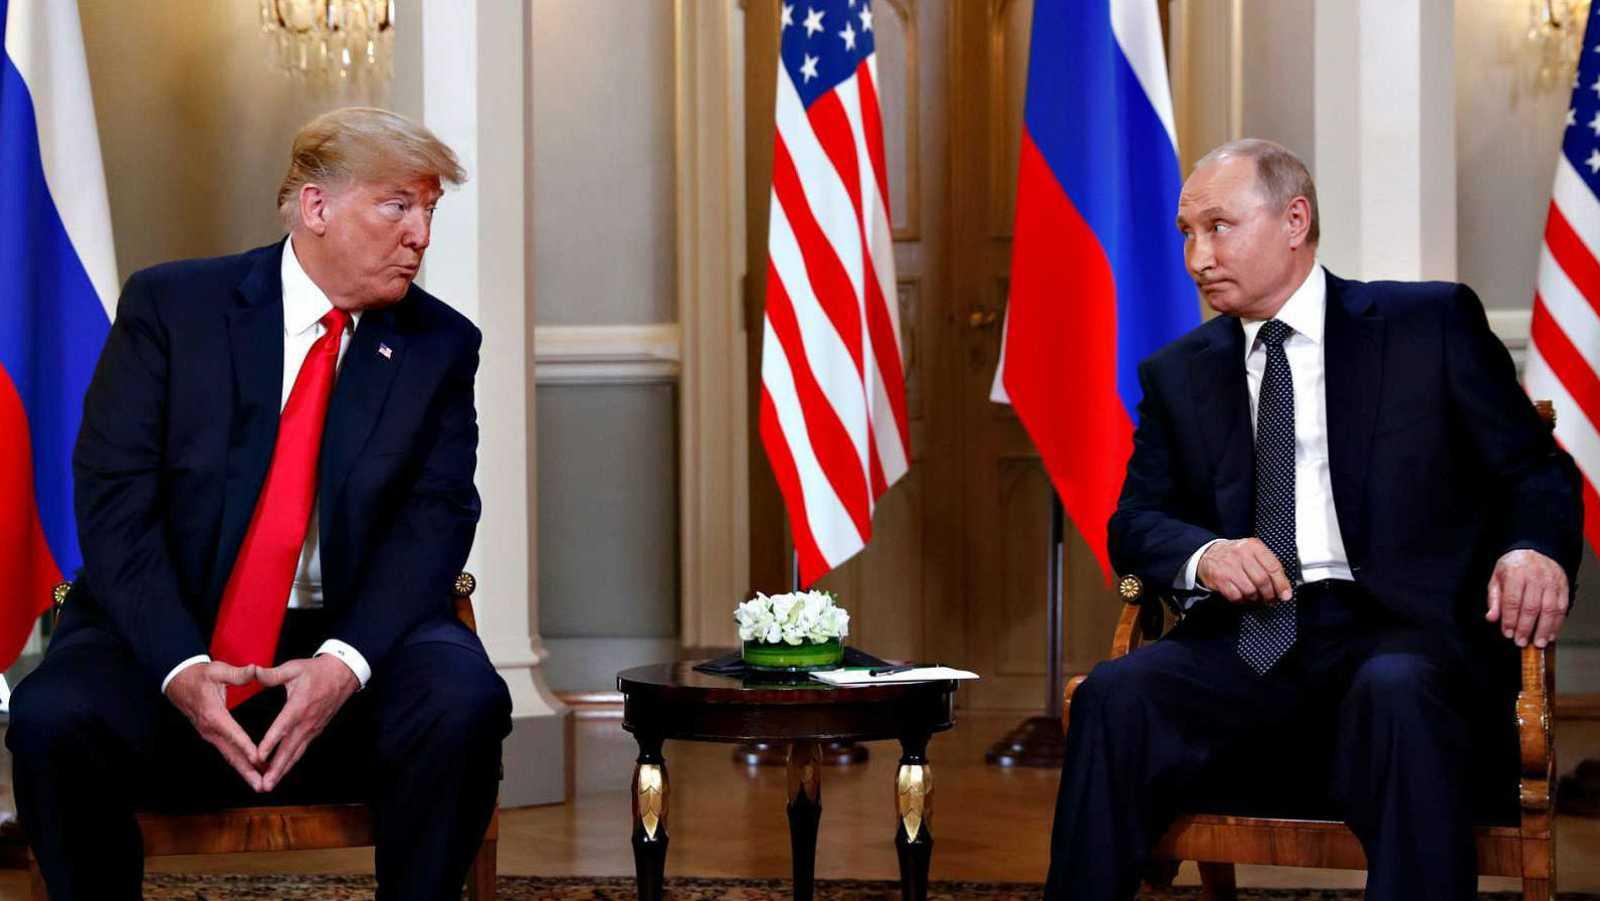 El presidente de Estados Unidos, Donald Trump, y el presidente de Rusia, Vladimir Putin, en una imagen de archivo.